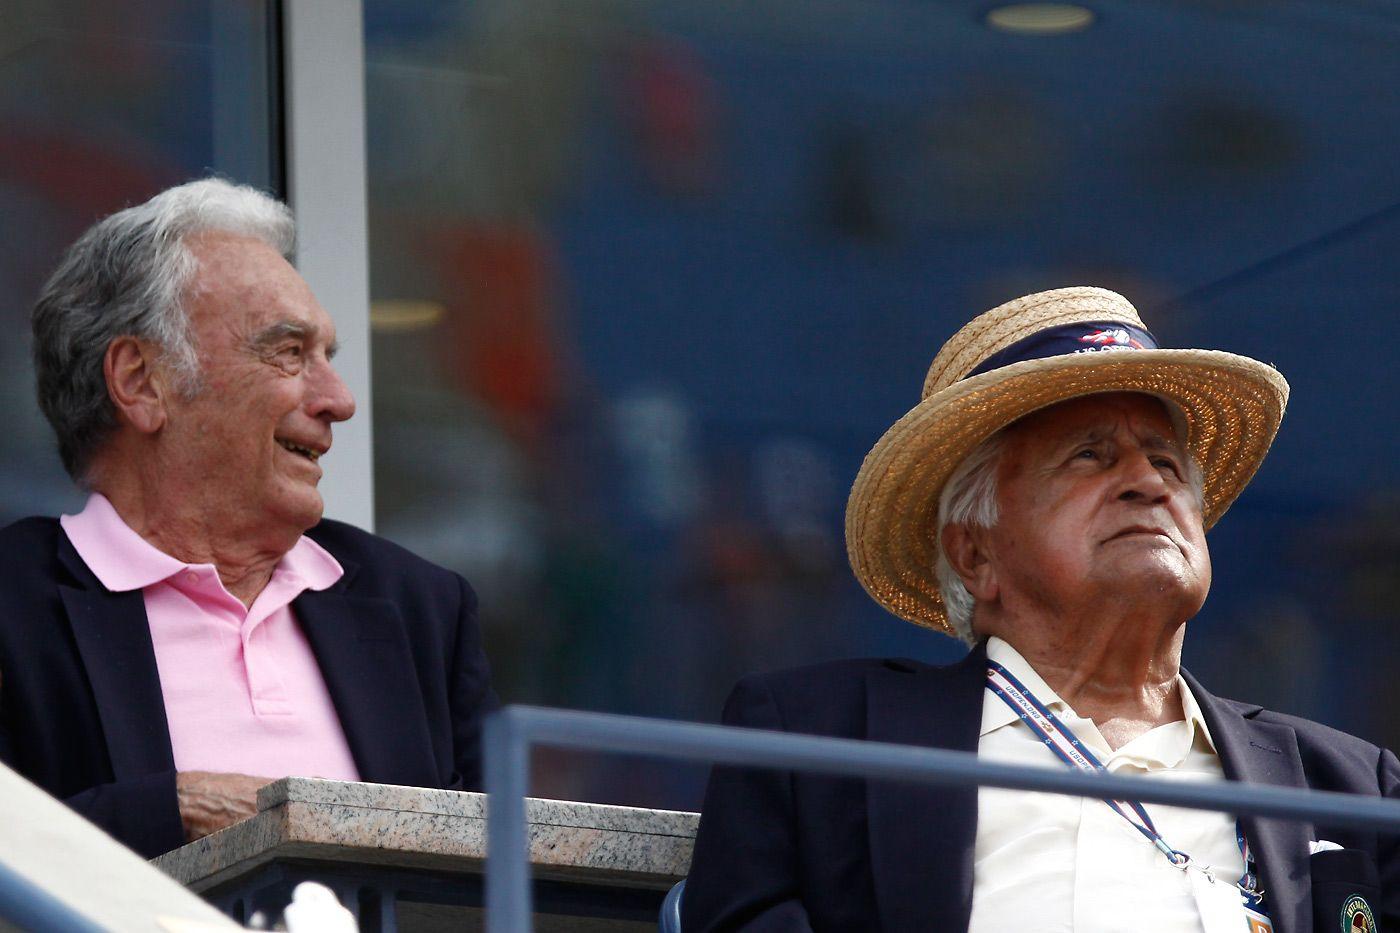 Vic Seixas and Pancho Segura appreciating some tennis in Arthur